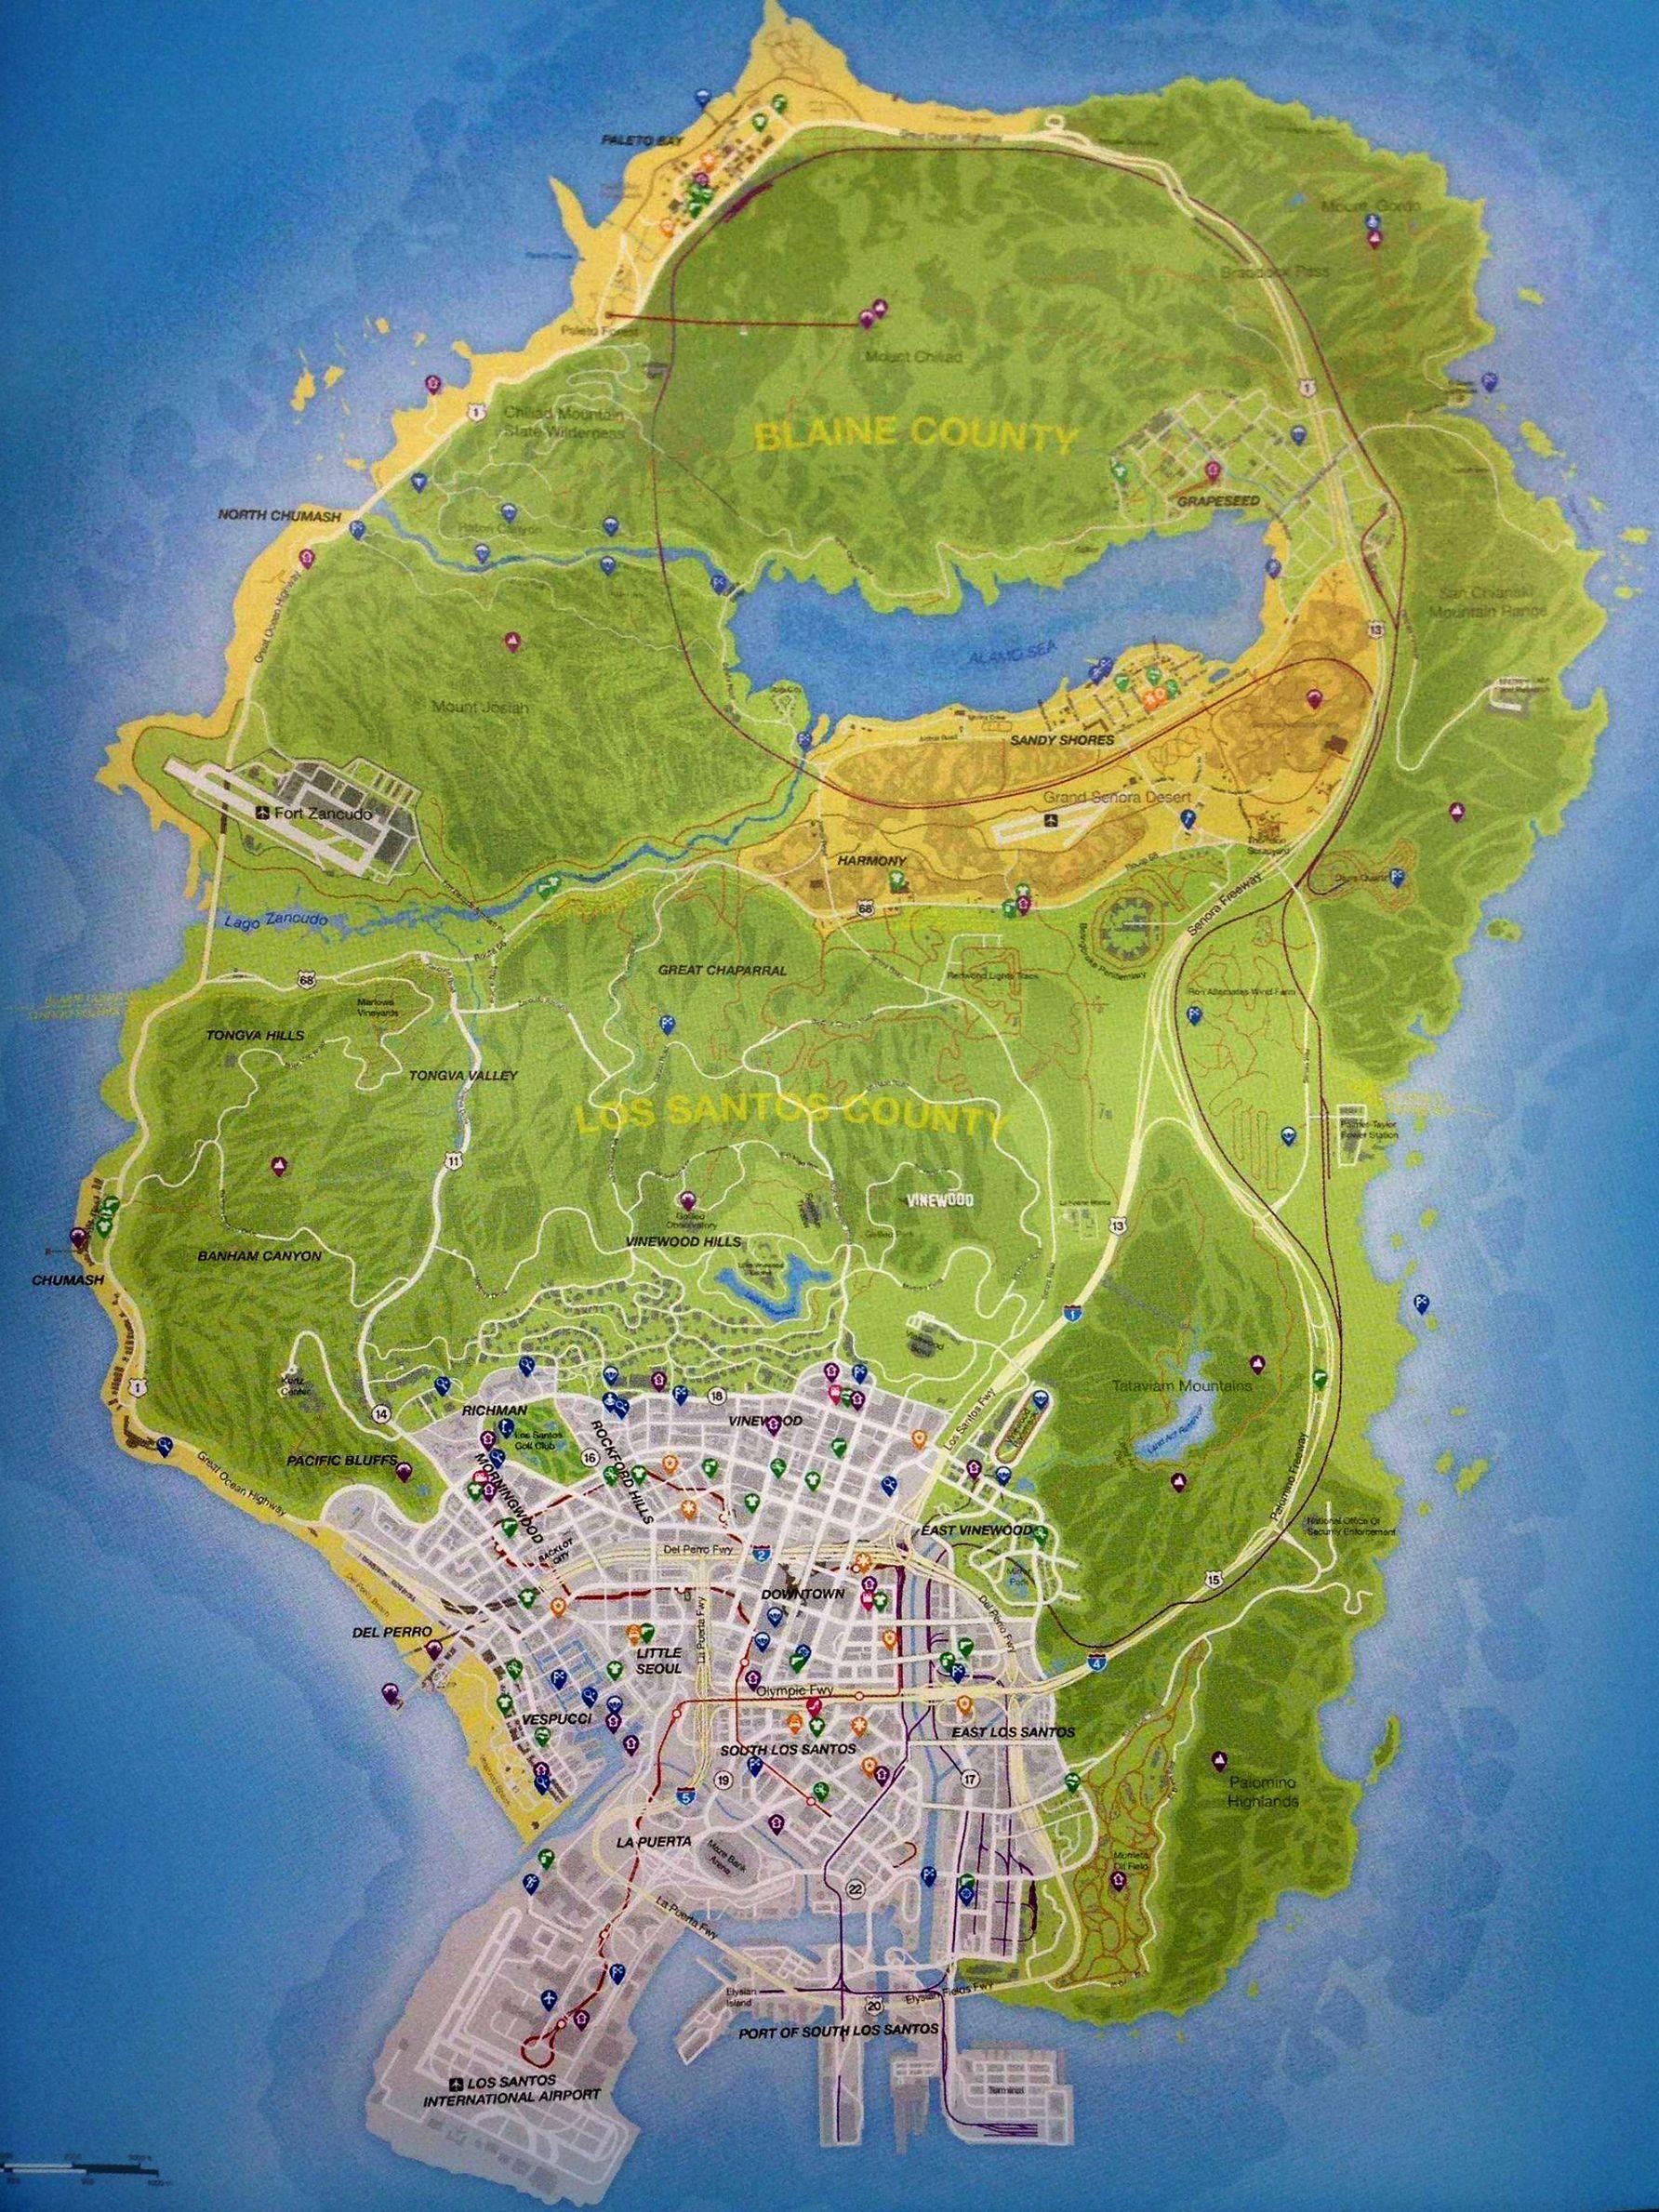 DeltaWolf247/GTA V Map Confirmed